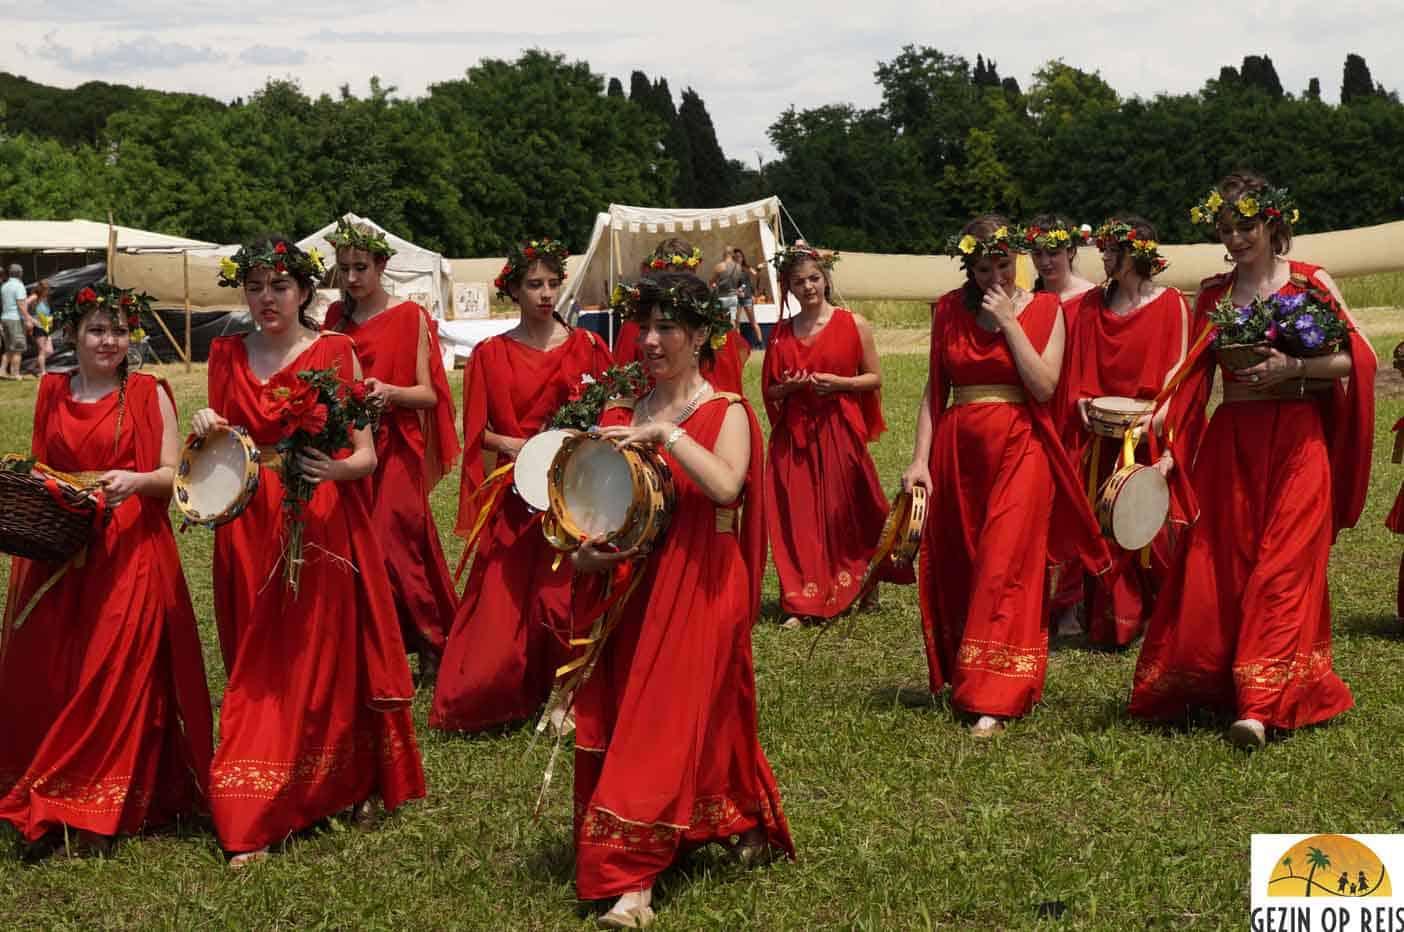 Aquileia romeinse spelen